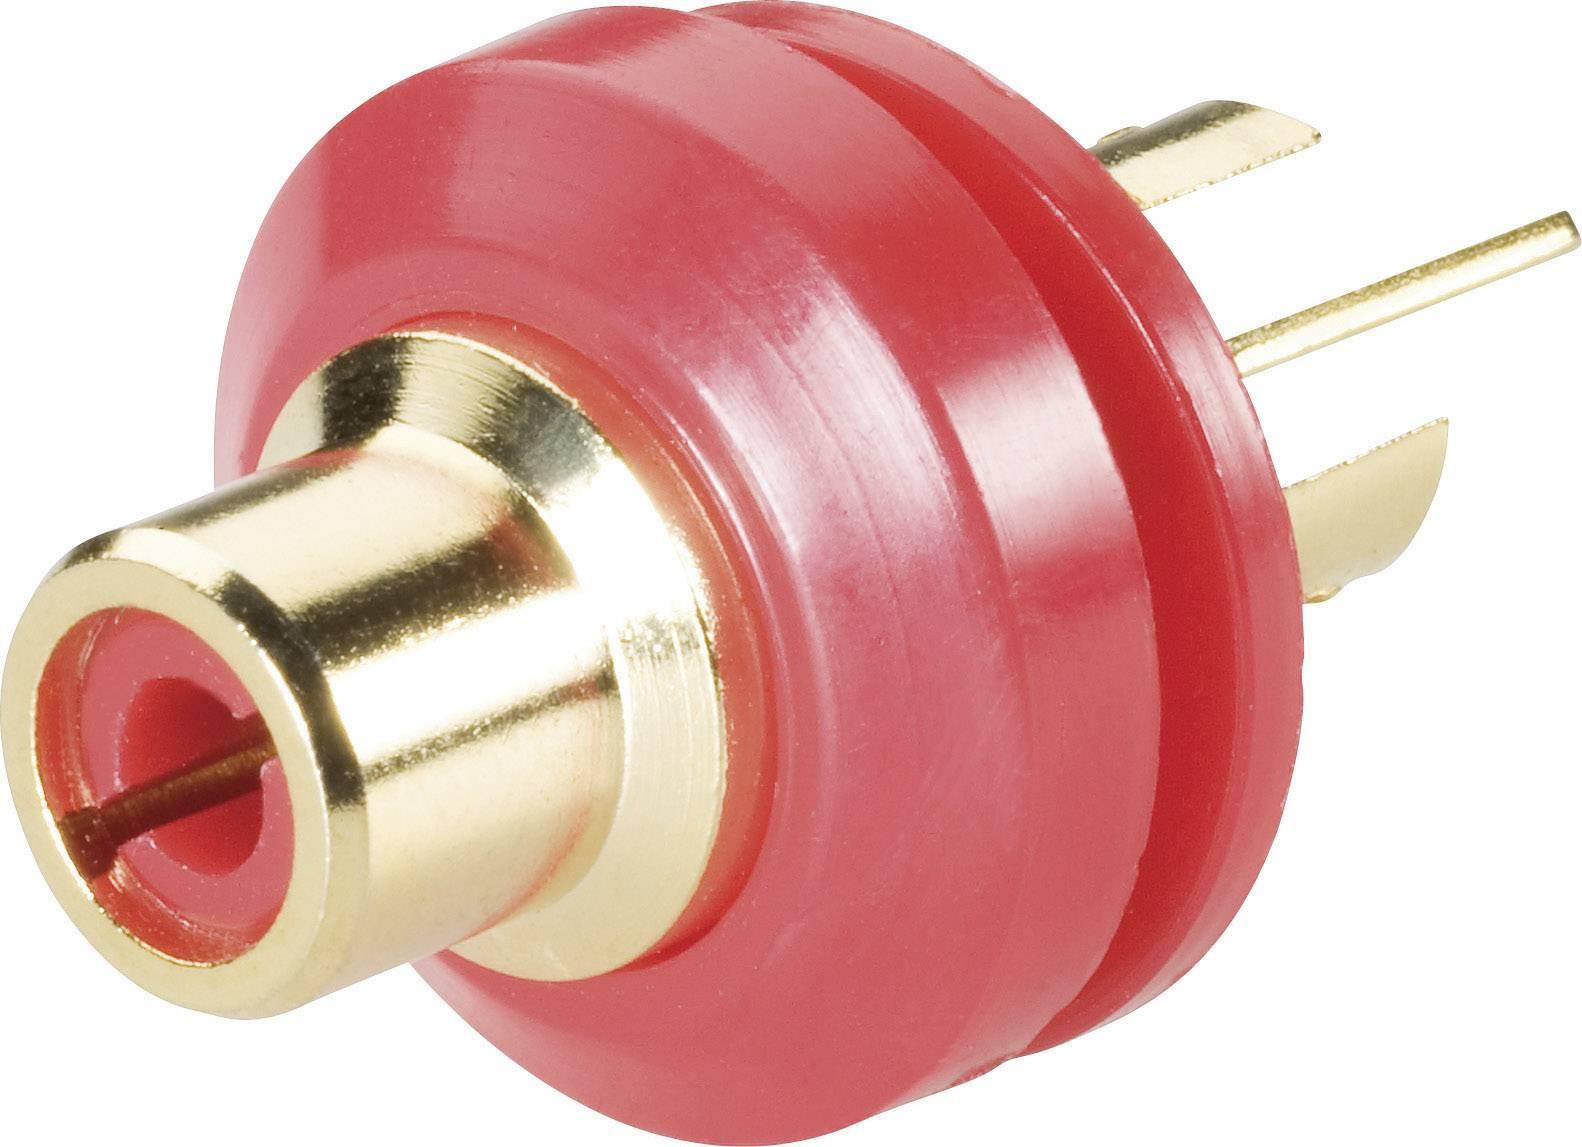 Cinch konektor zásuvka, vstavateľná vertikálna BKL Electronic 0101148/T, pinov 2, červená, 1 ks